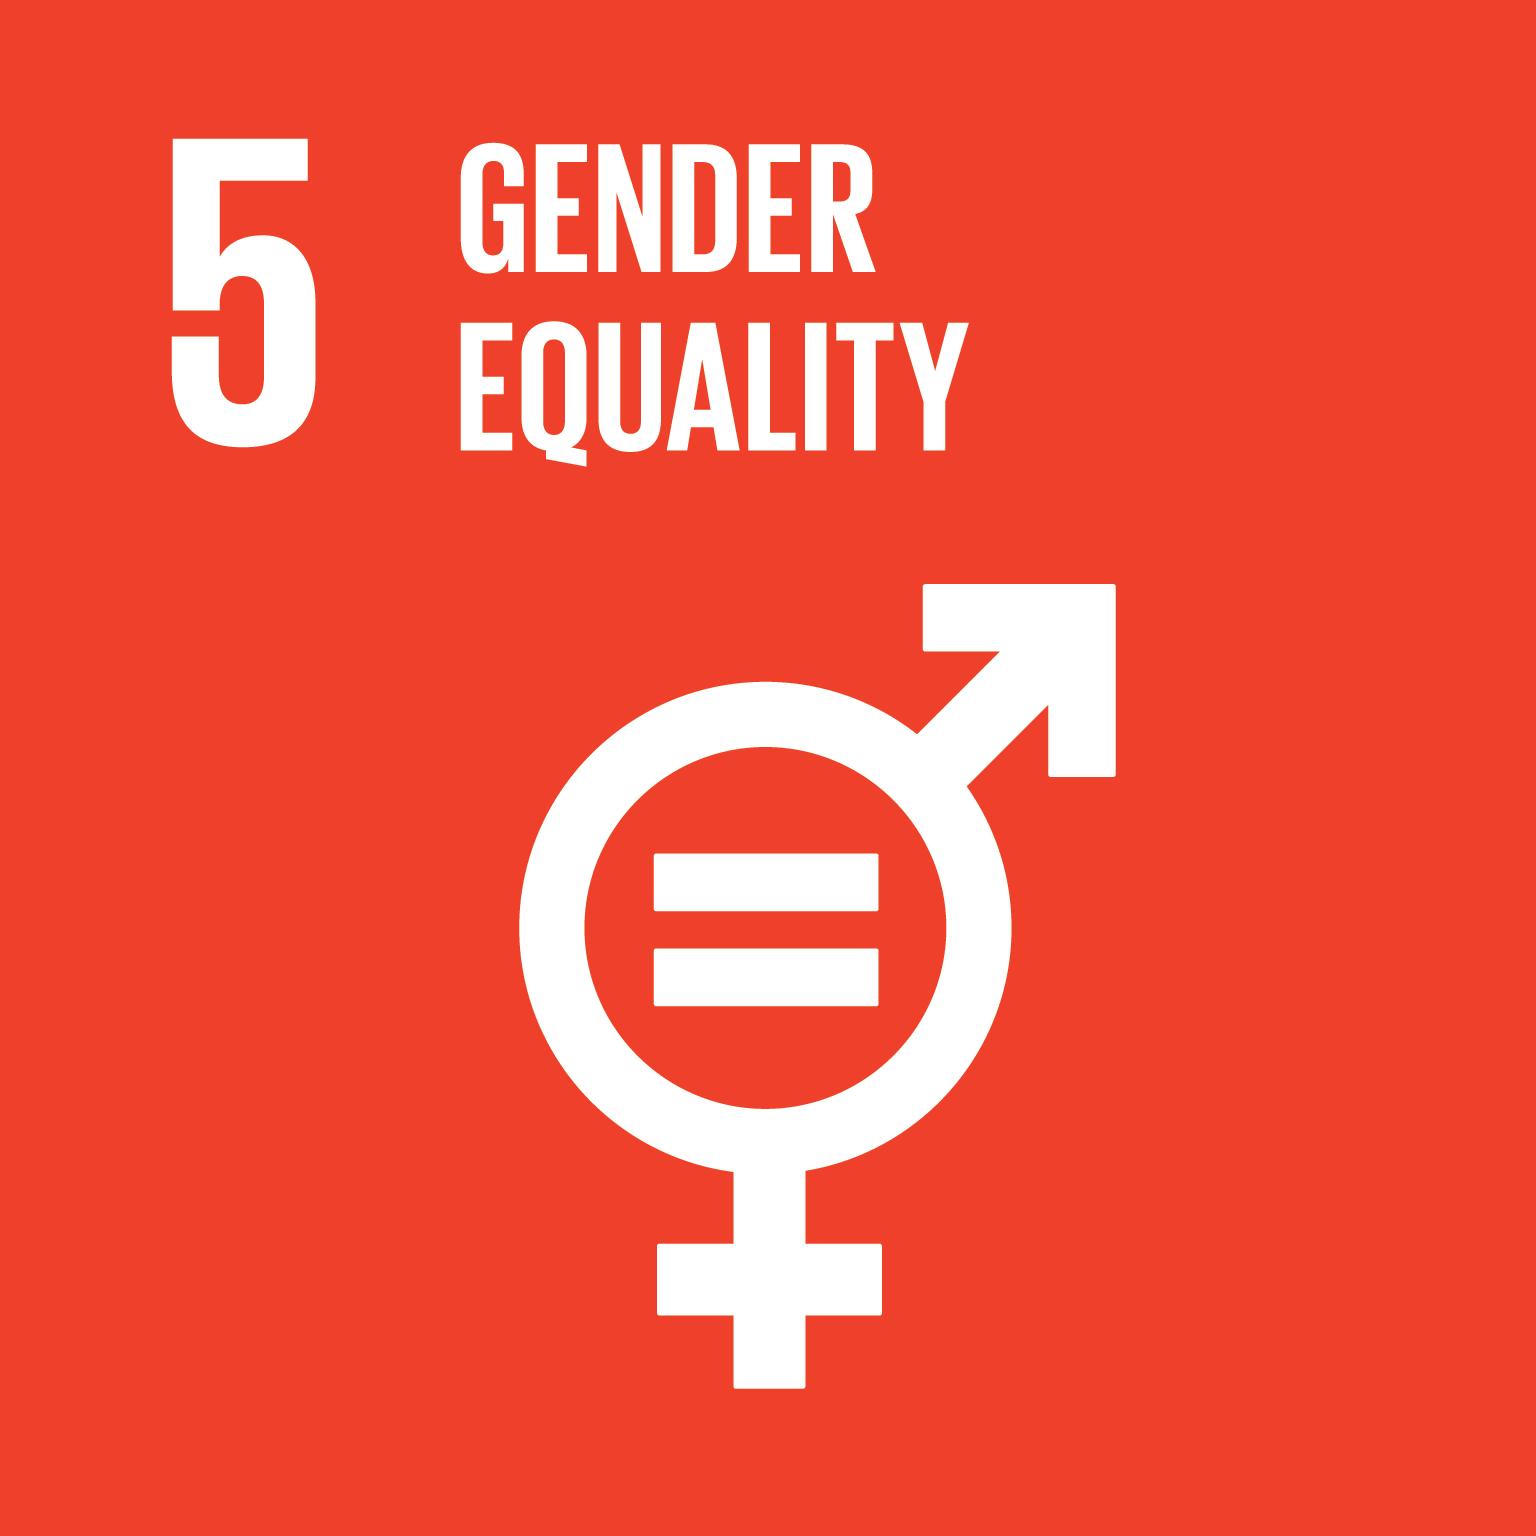 SDG 5: Gender Equality